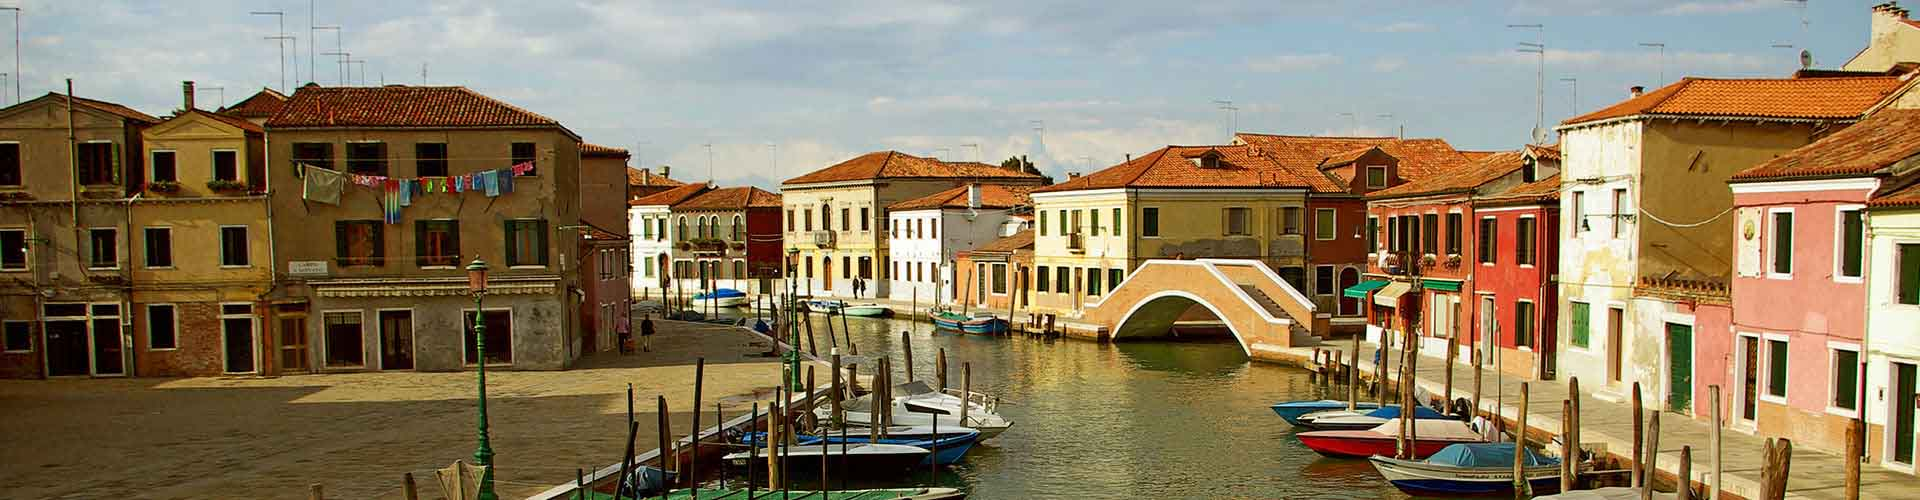 Venice Mestre - Auberges de jeunesse dans le quartier de Quartier Chirignano, Gazzera. Cartes pour Venice Mestre, photos et commentaires pour chaque auberge de jeunesse à Venice Mestre.